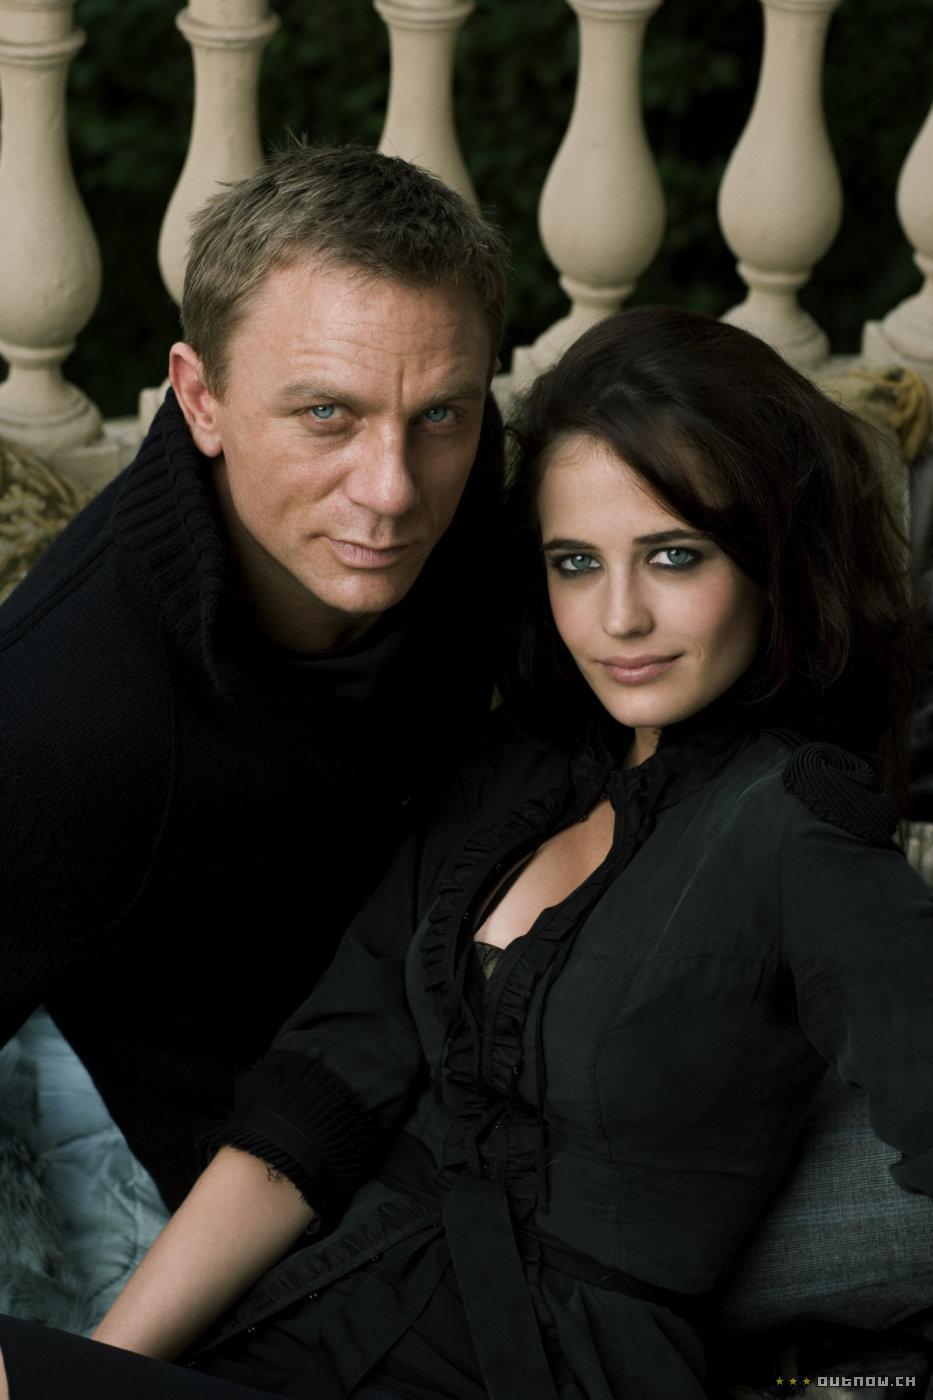 Daniel Craig - Wallpaper Hot